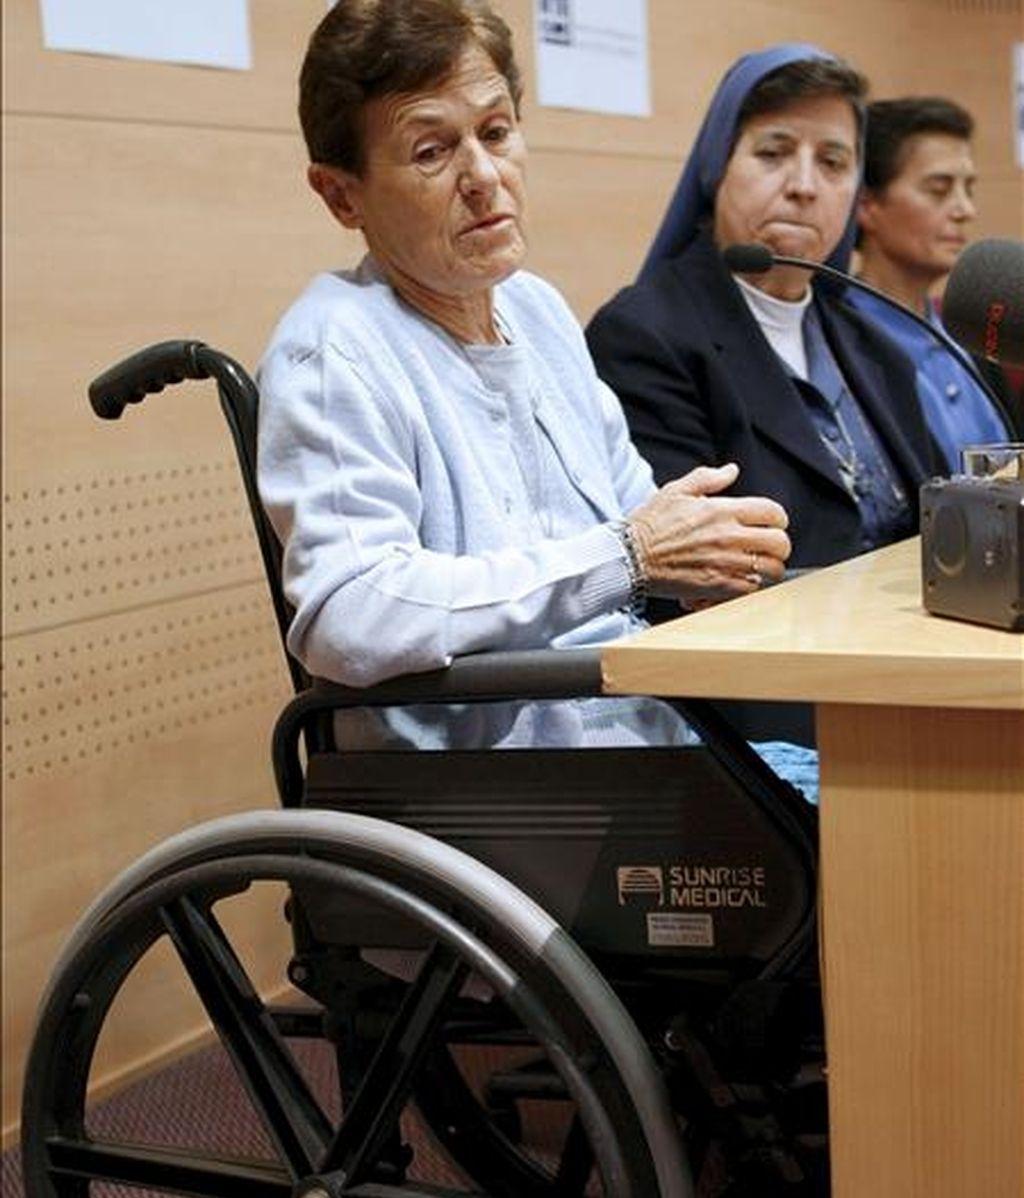 Imagen de la monja misionera burgalesa Presentación López Vivar (i), que el pasado octubre perdió las dos piernas a causa de la explosión de una bomba durante su misión en Rutshuru (El Congo). EFE/Archivo